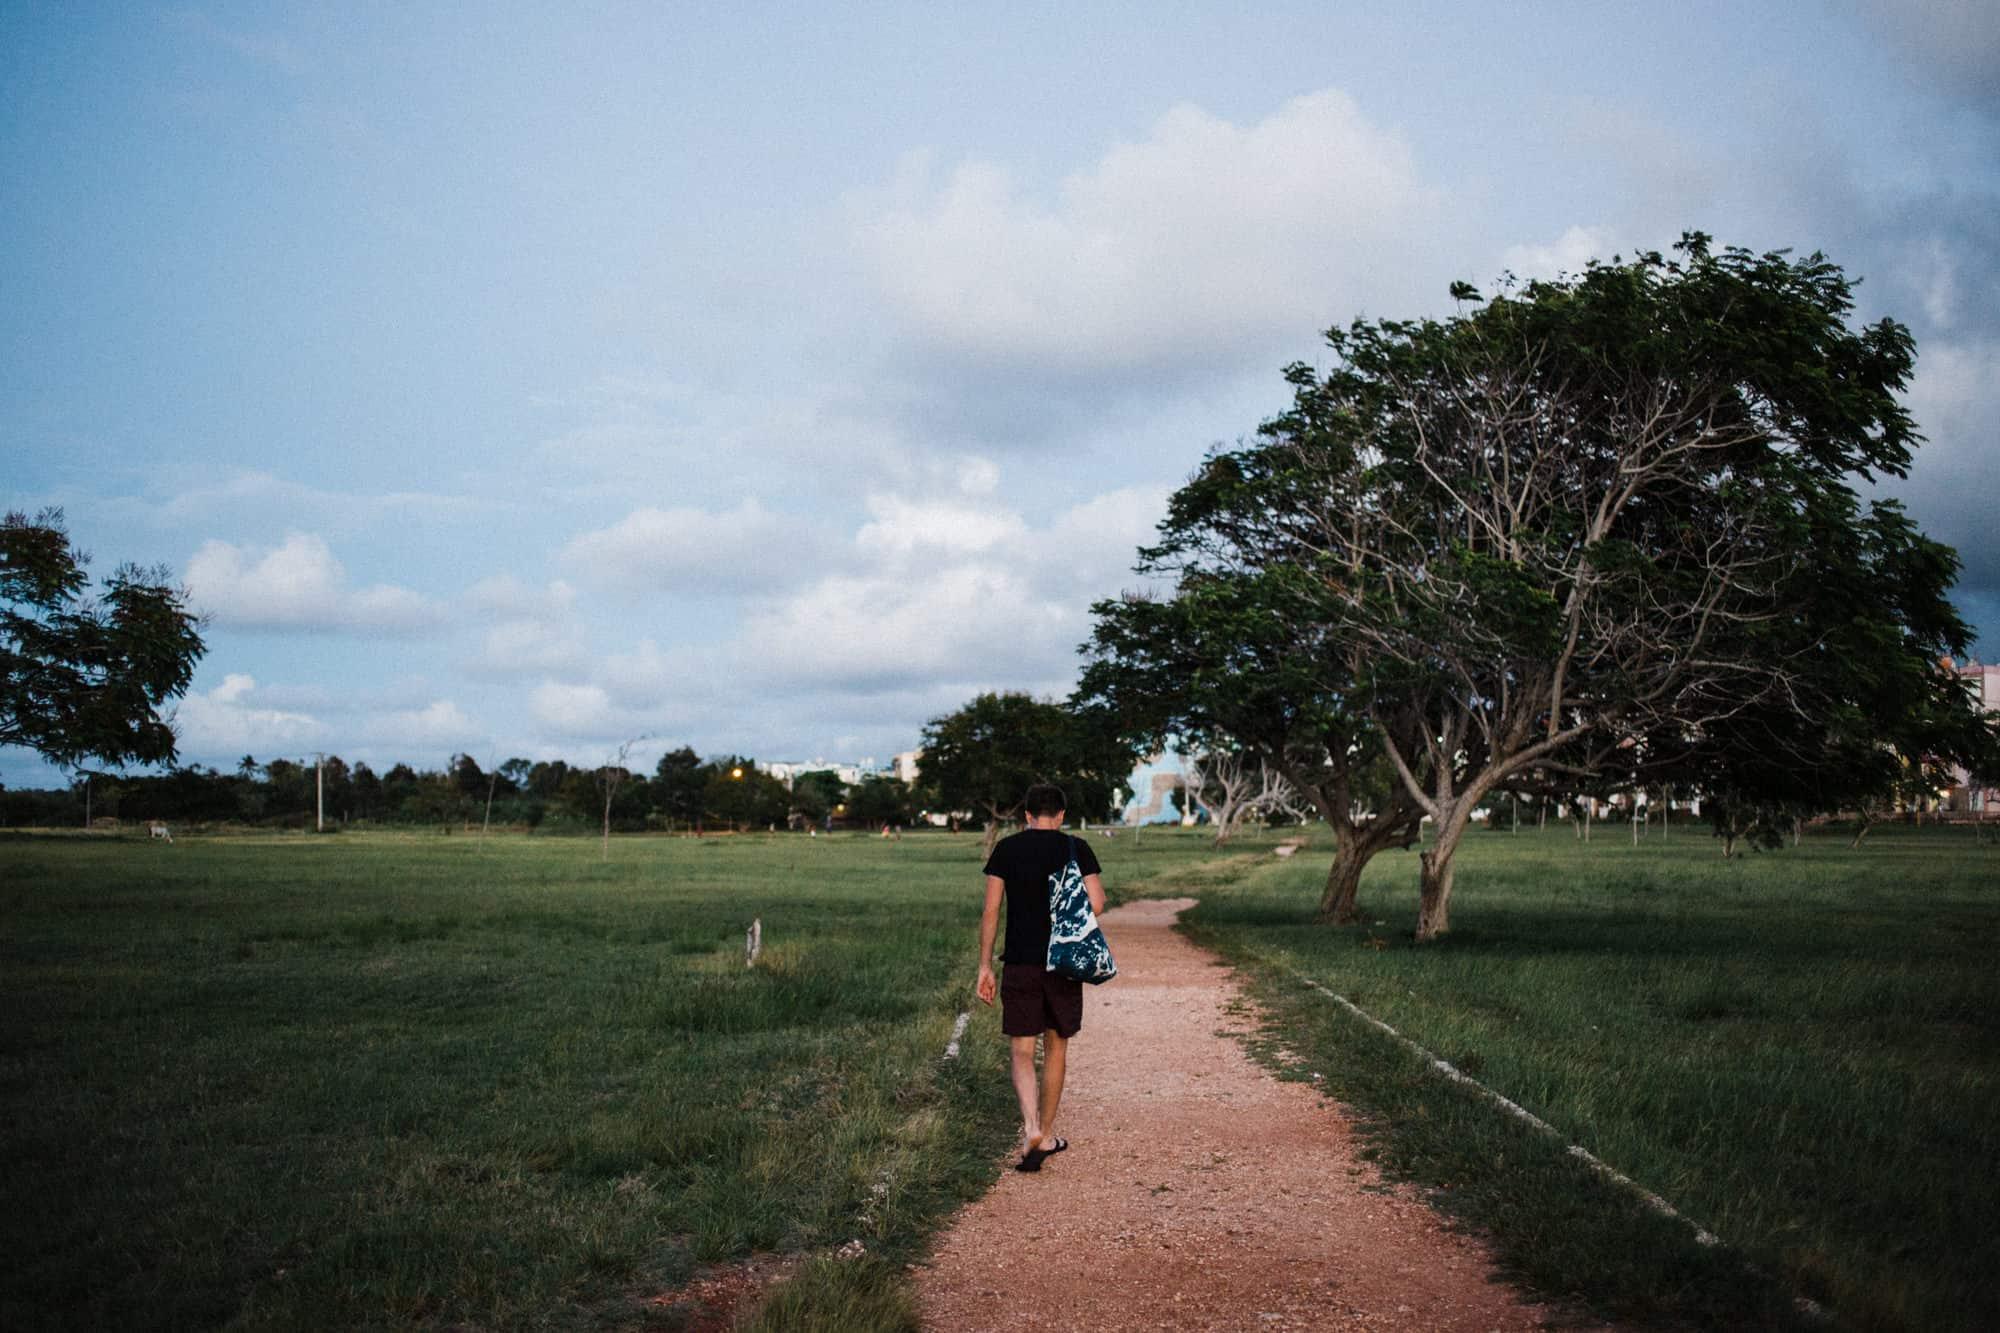 Man walking through a park in Cuba